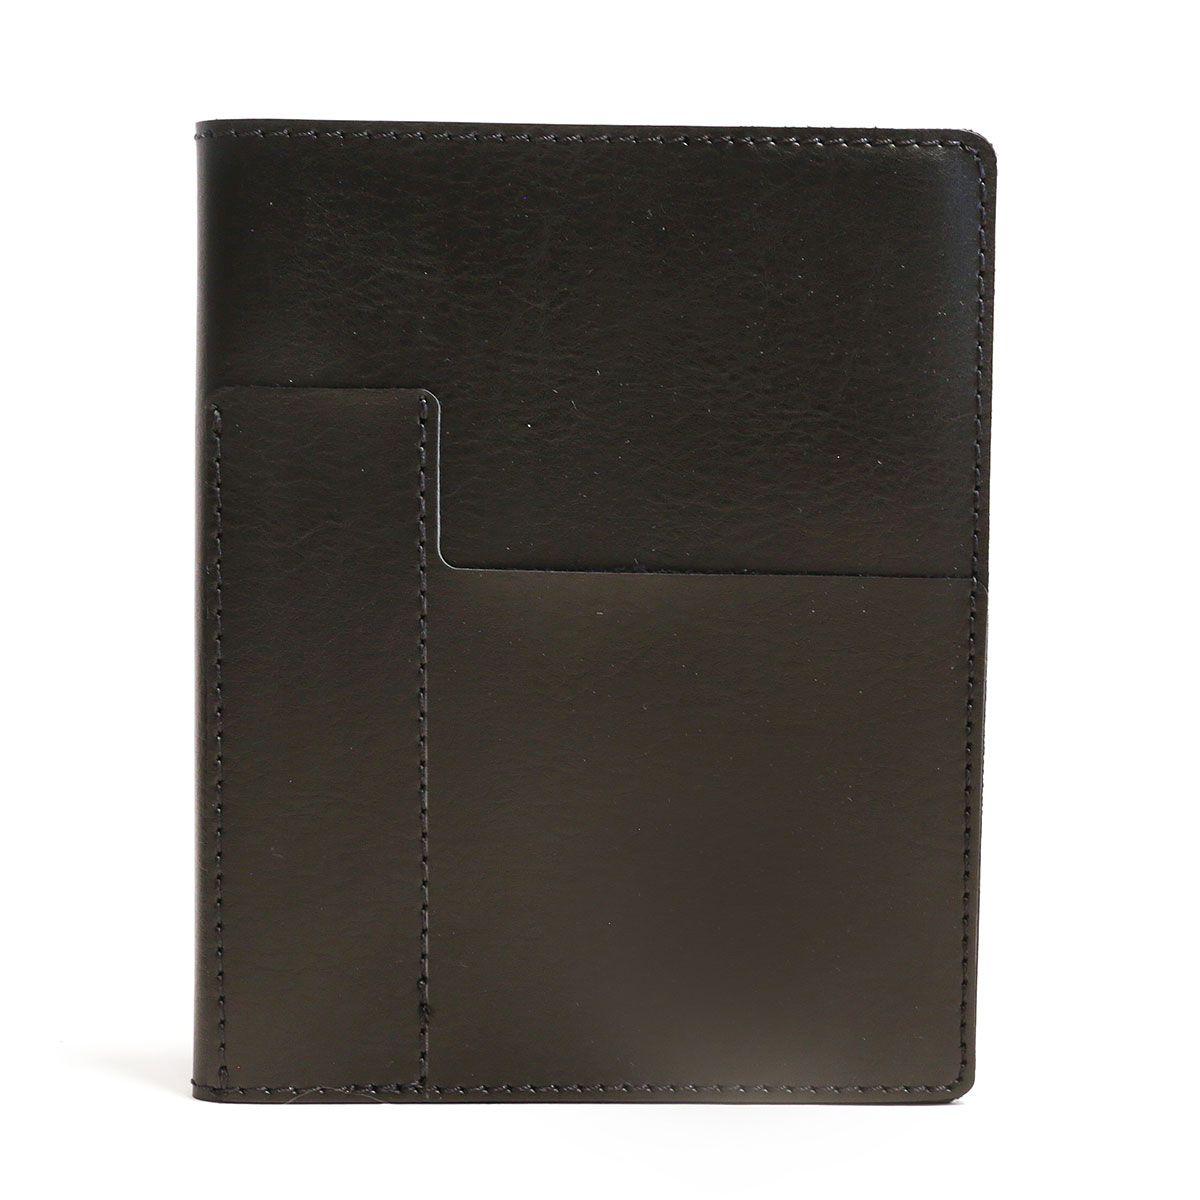 Caderno com sobrecapa (Montana Preto)